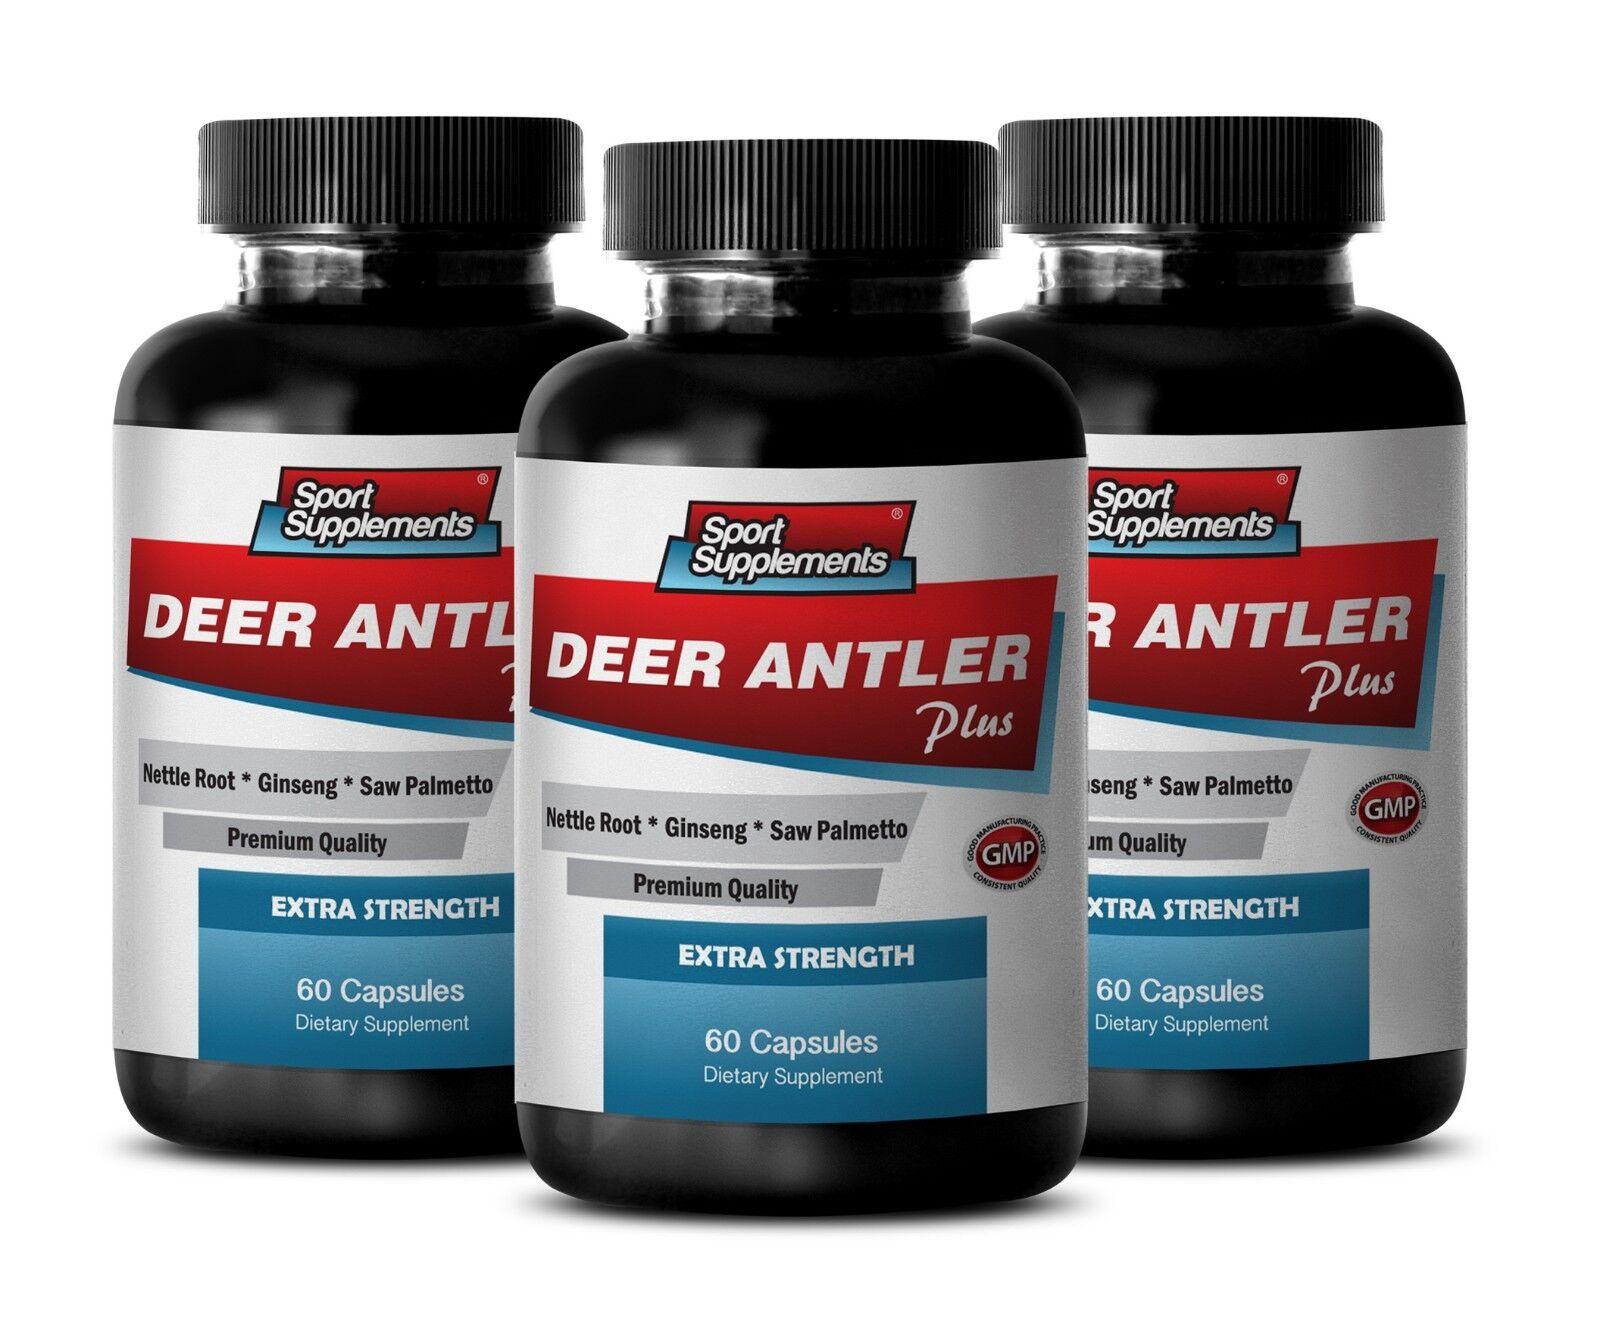 Immune Support Packets - Deer Antler Plus 550mg 3b - Elk ...